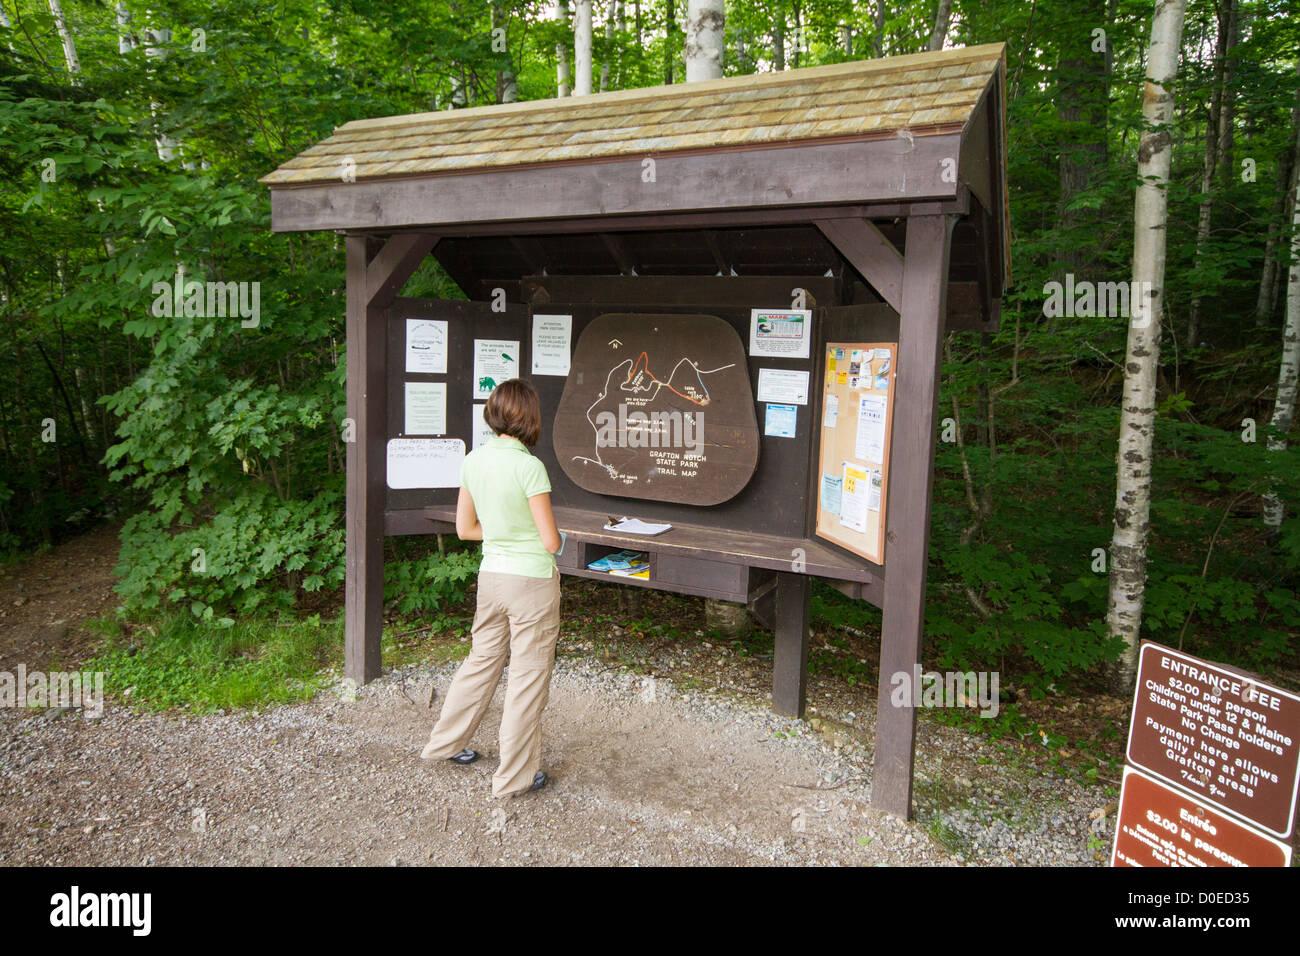 Mujer joven excursionista leer mapa/directrices al comienzo de un camino Imagen De Stock